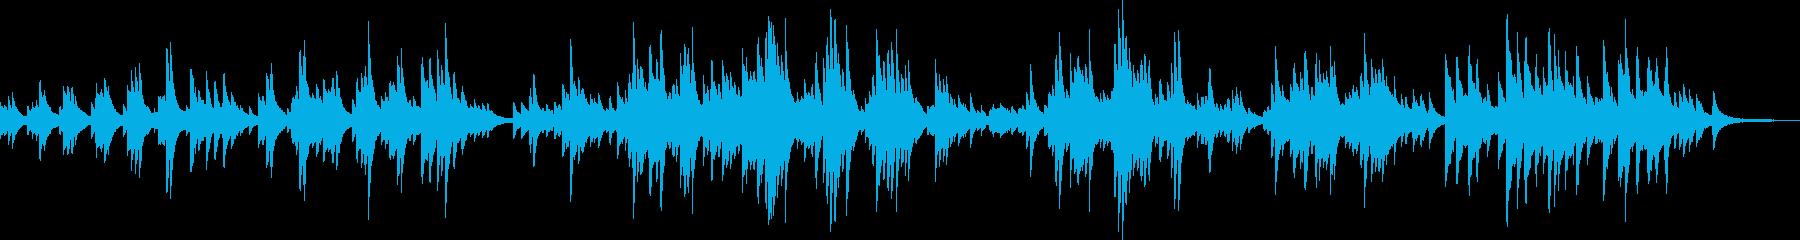 感動的な優しいピアノバラードの再生済みの波形